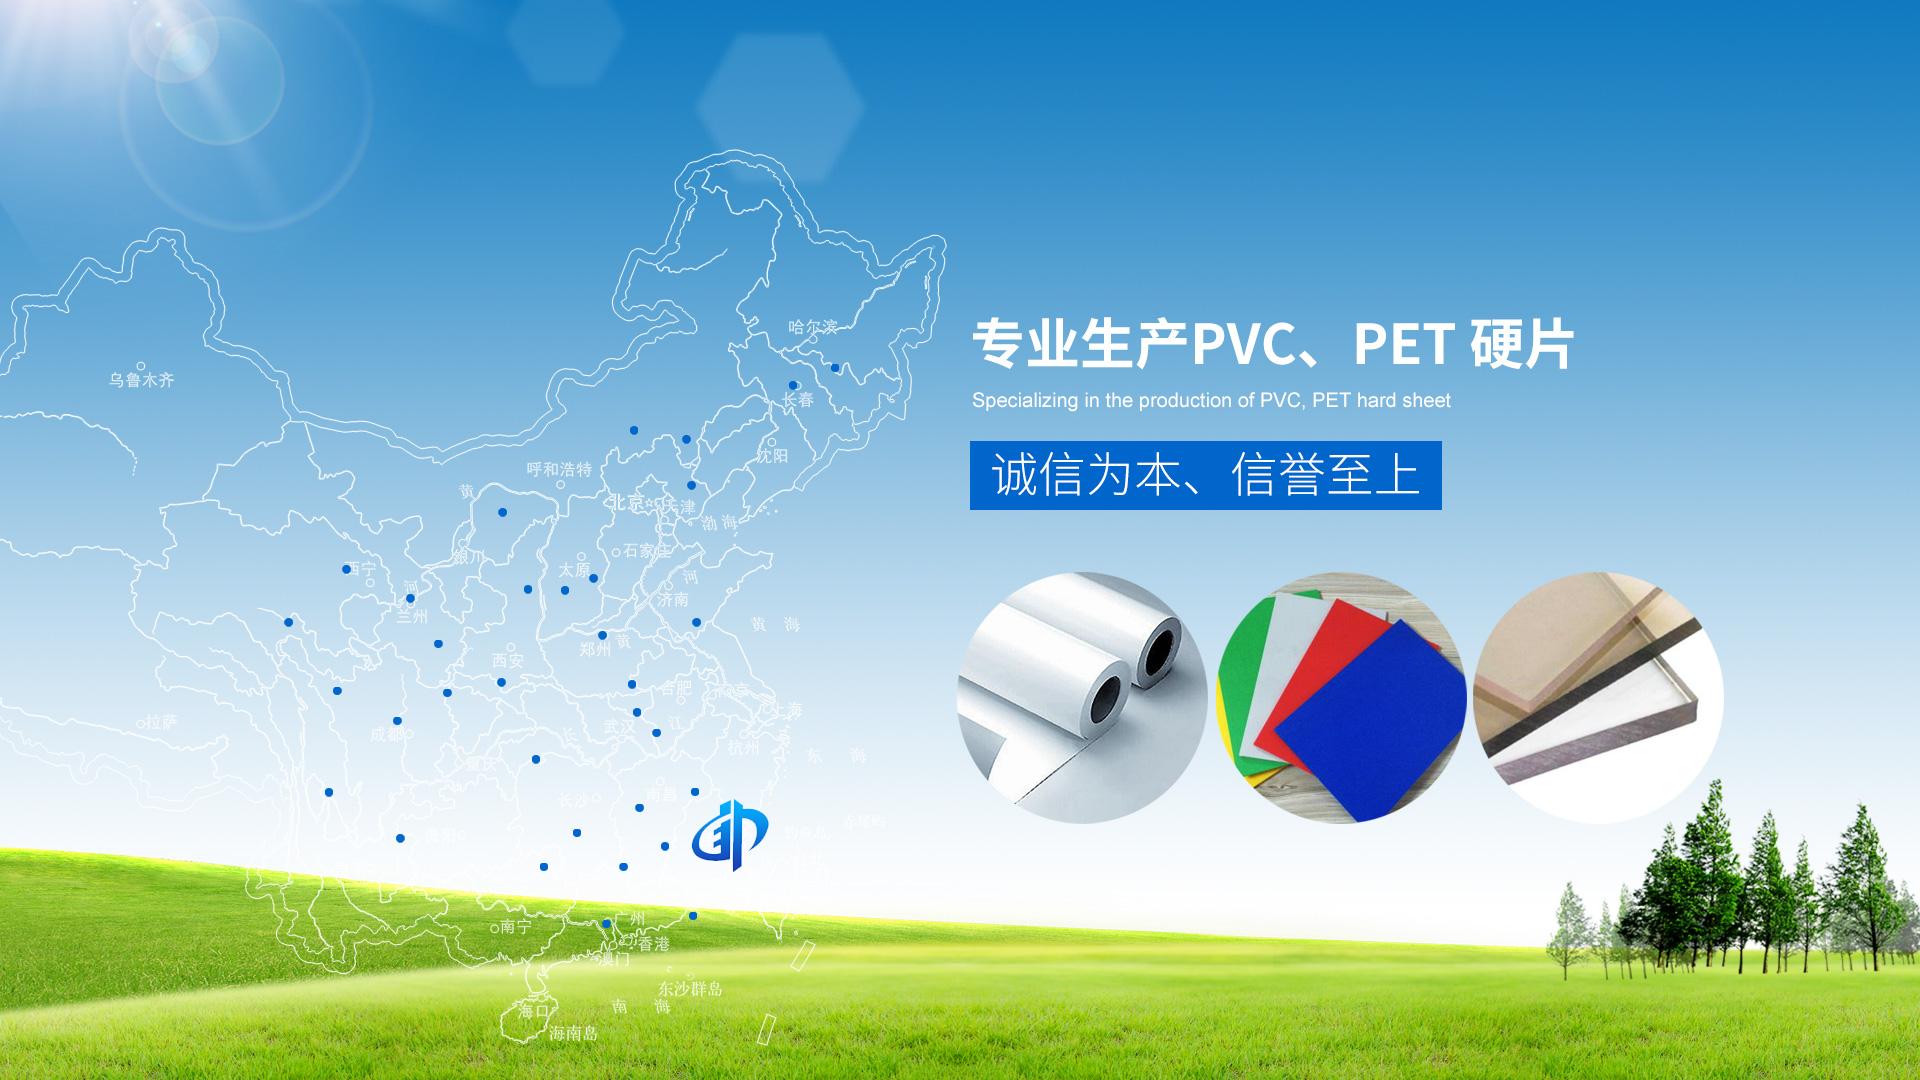 專業生產PVC\PET硬片